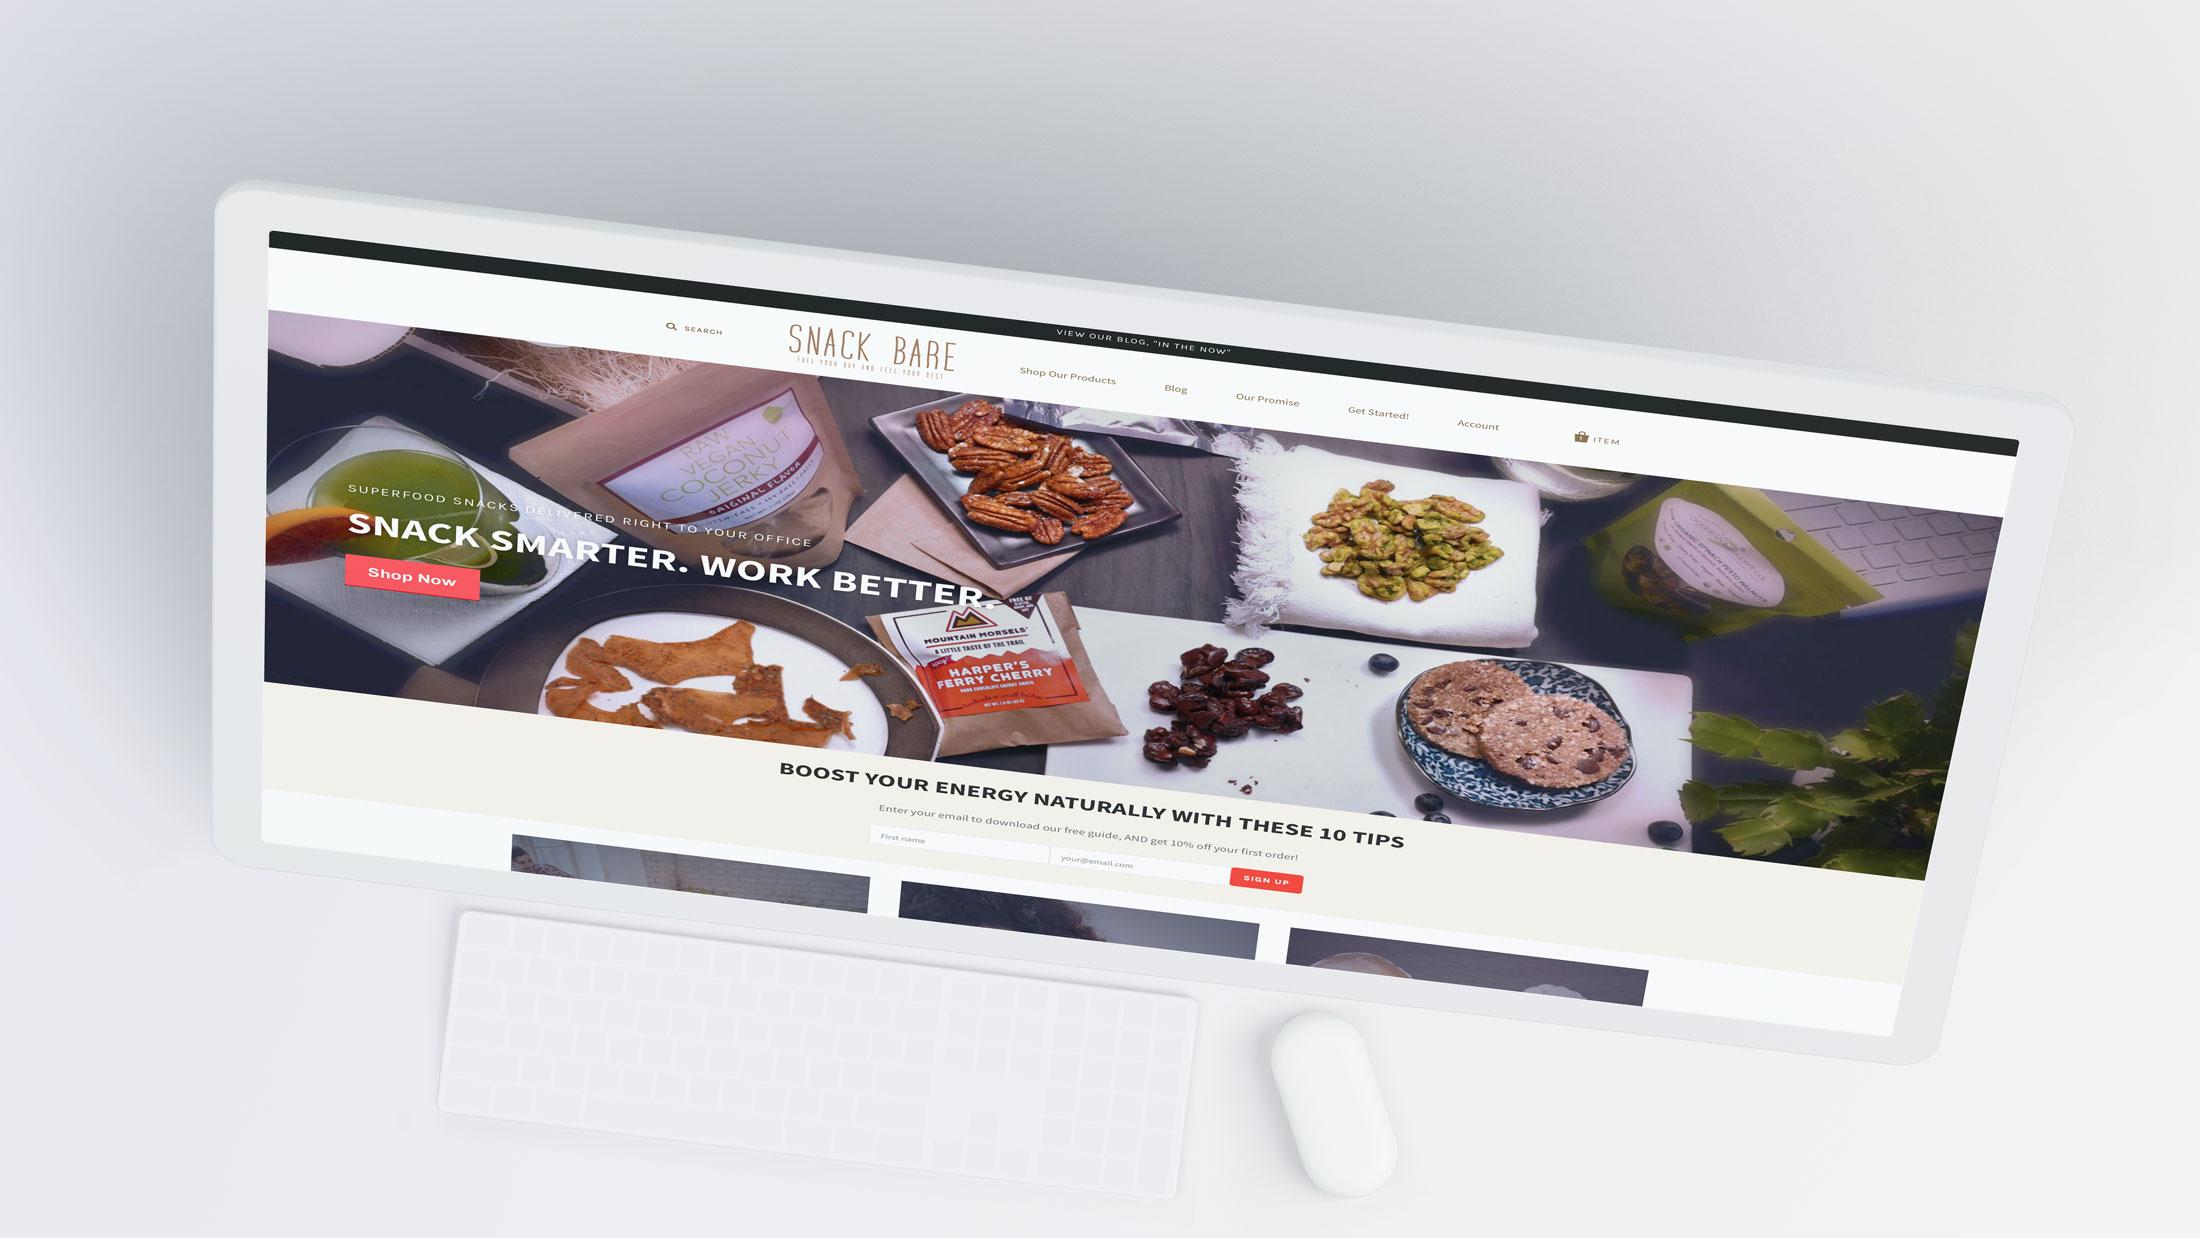 Snackbare-WebsiteCreator-Top-2-010-2-2200.jpg